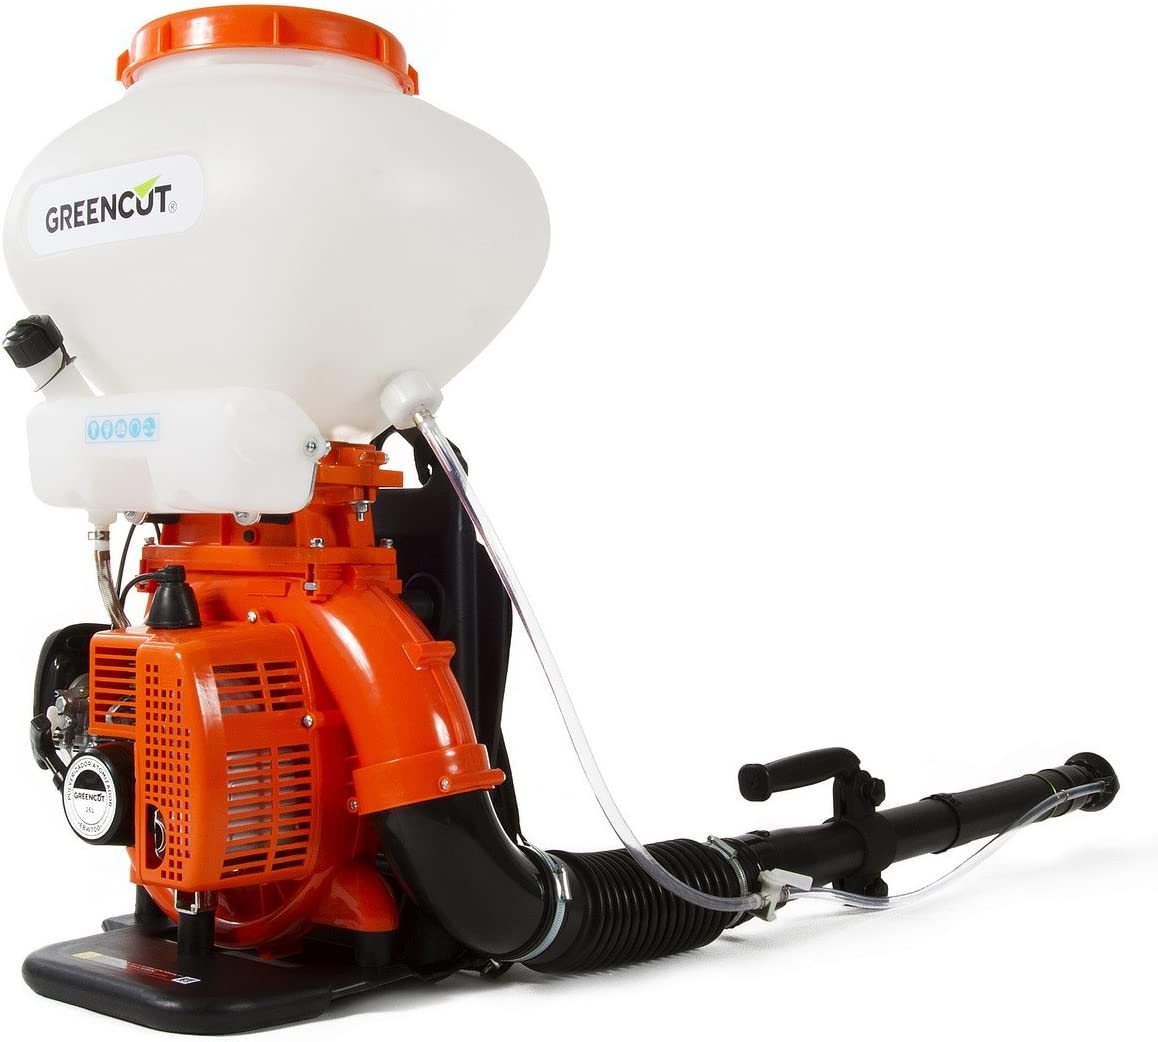 GREENCUT EBW420X - Sulfatador mochila gasolina liquido-polvo depósito 26L, Fumigador y Soplador con motor 42cc, Máquina 3 en 1: Sulfatador, Fumigador y Soplador